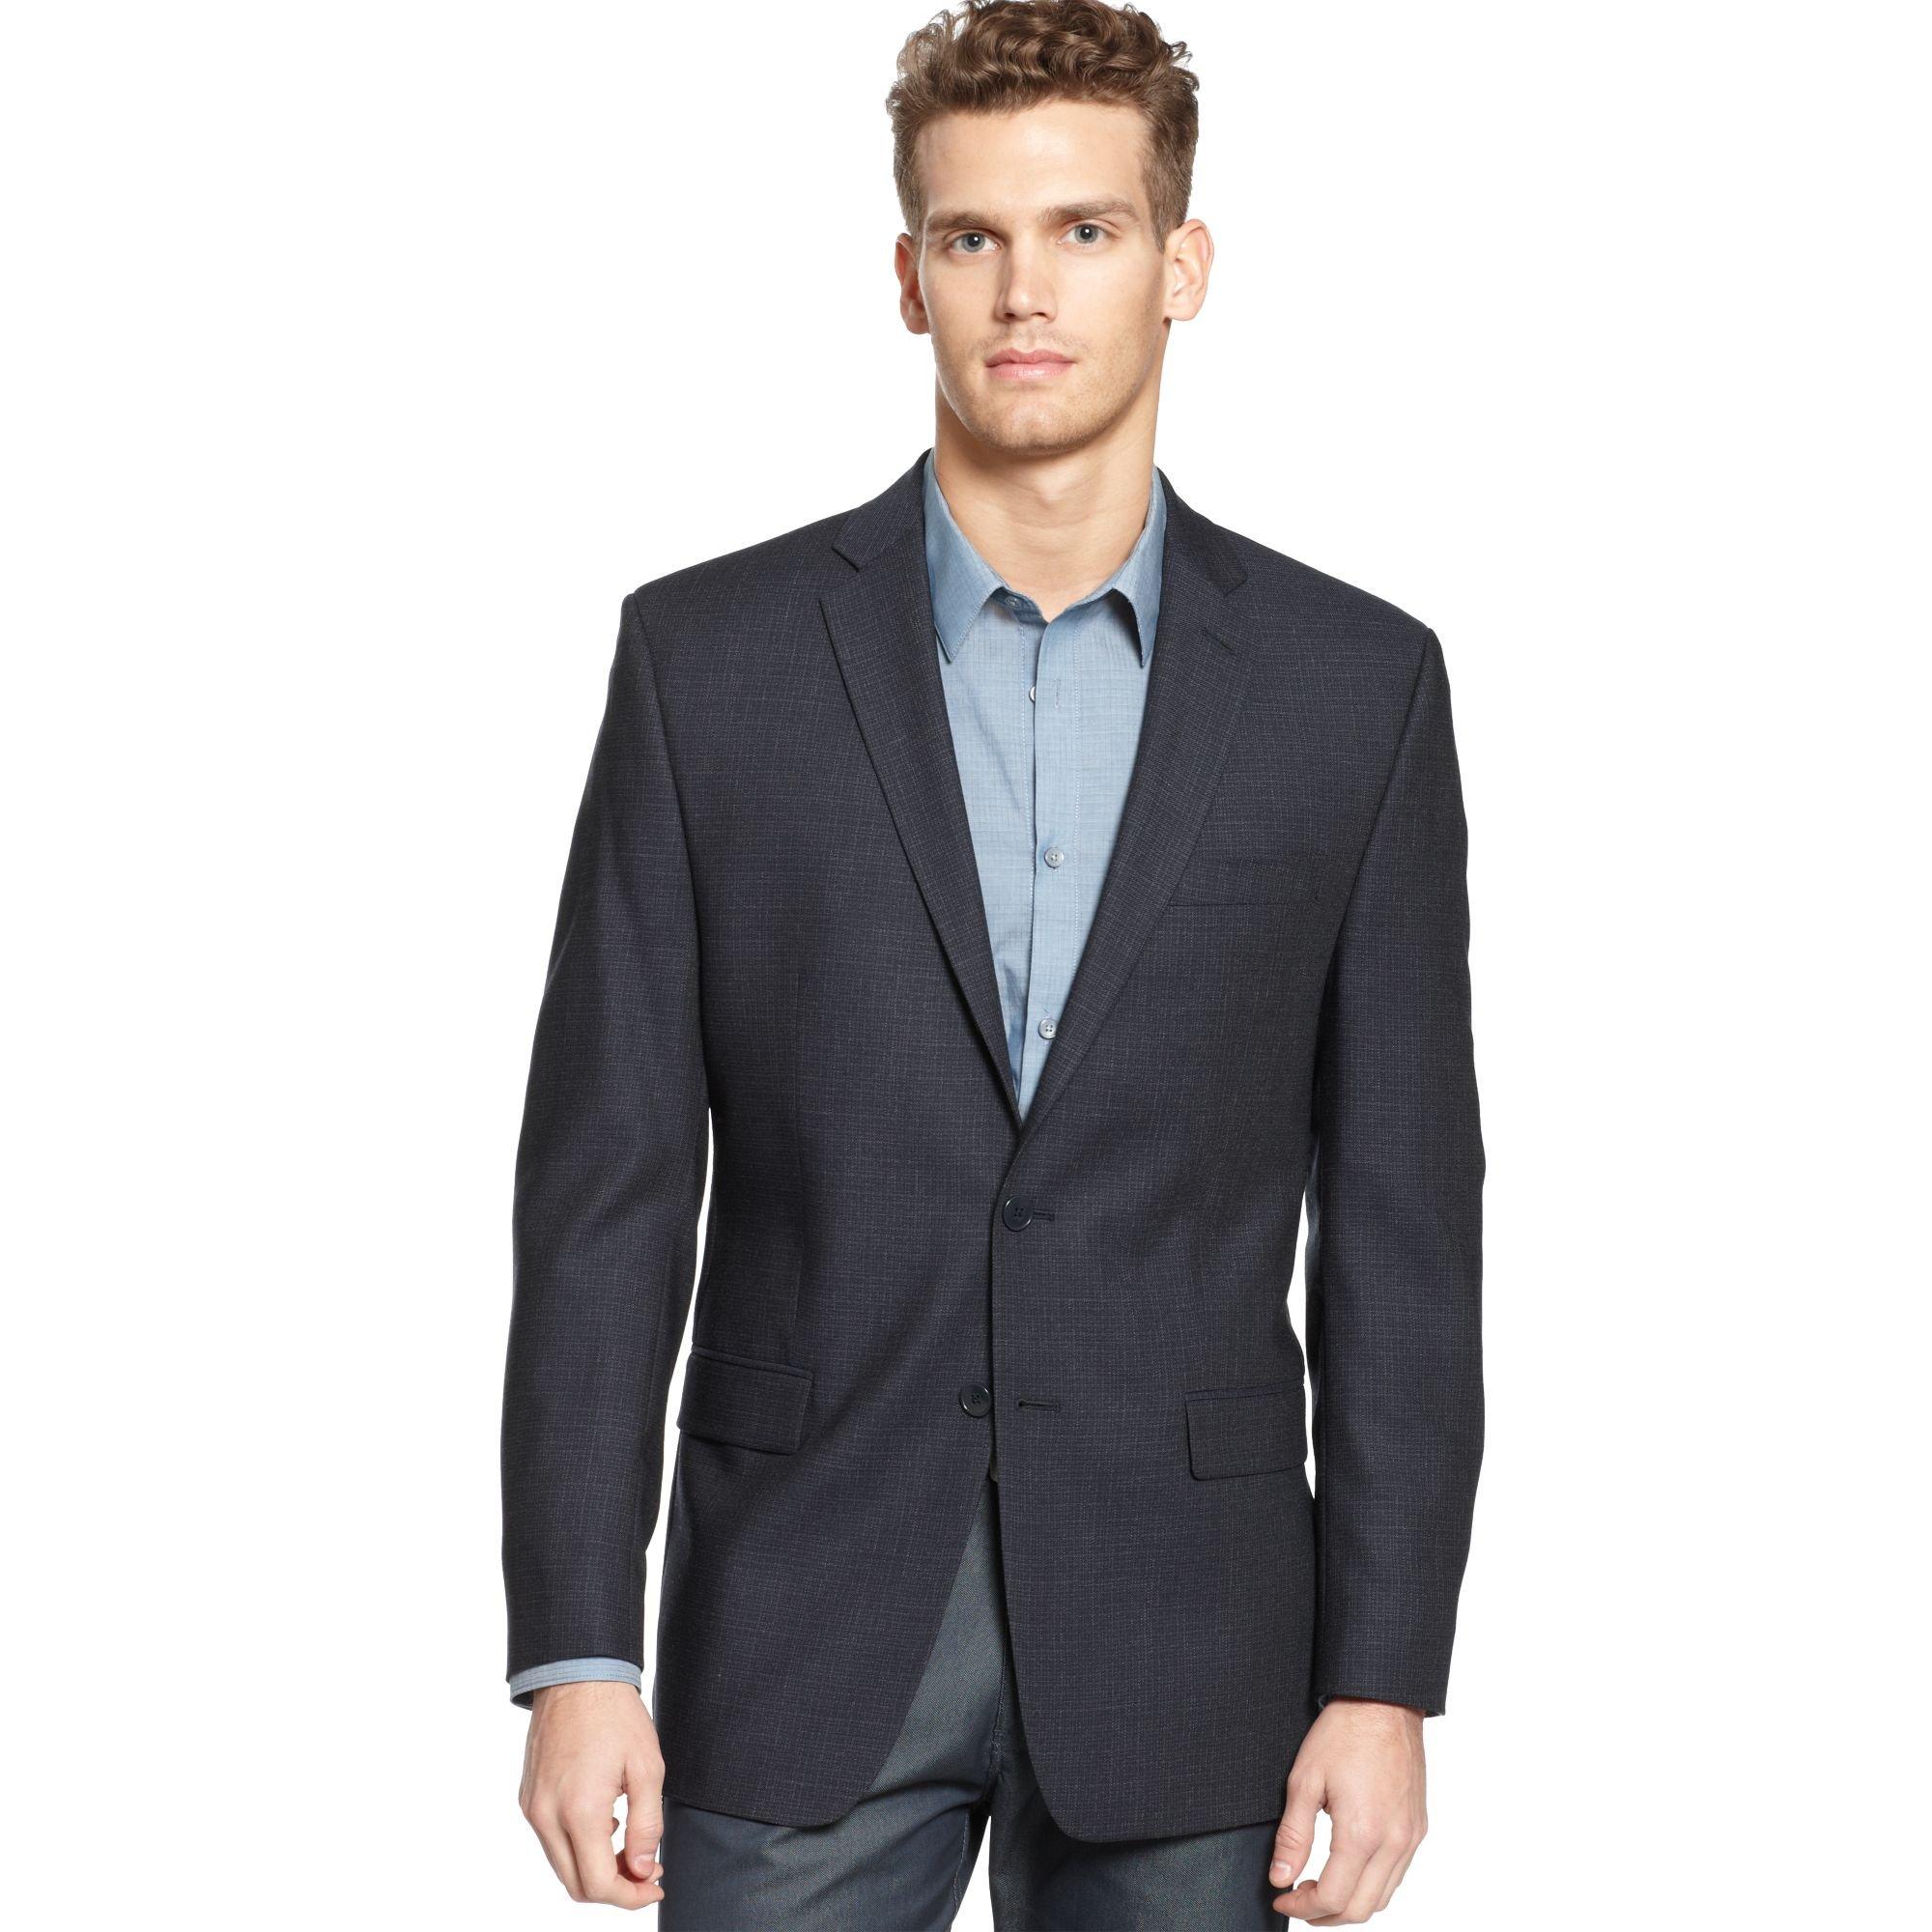 calvin klein sport coat navy solid in blue for men lyst. Black Bedroom Furniture Sets. Home Design Ideas